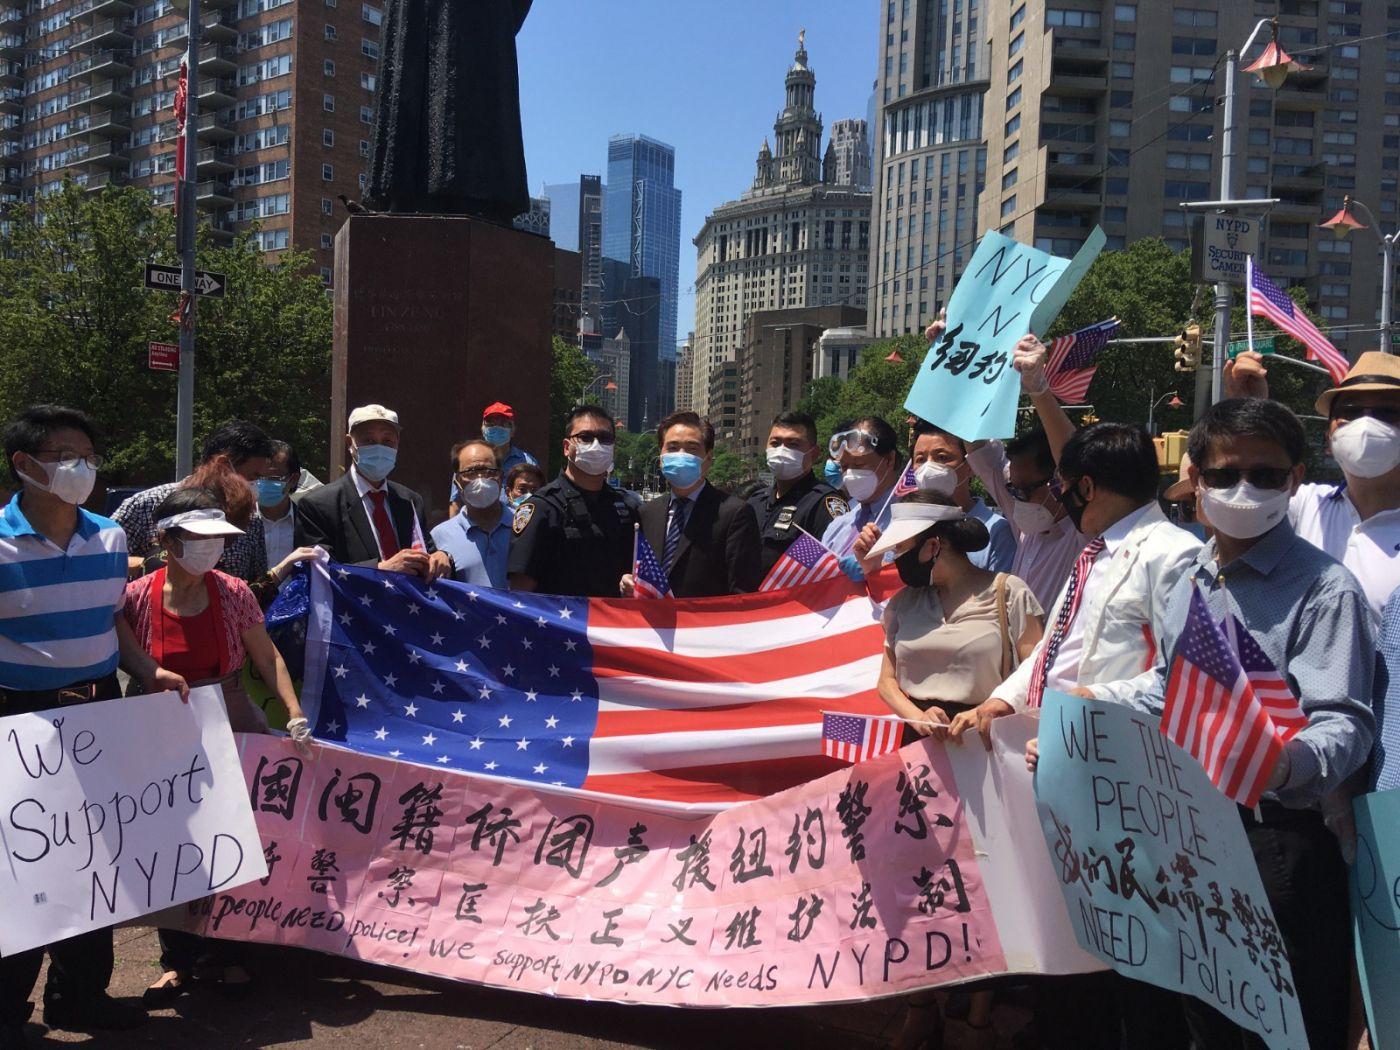 纽约华埠侨团声援支持纽约警察活动_图1-12